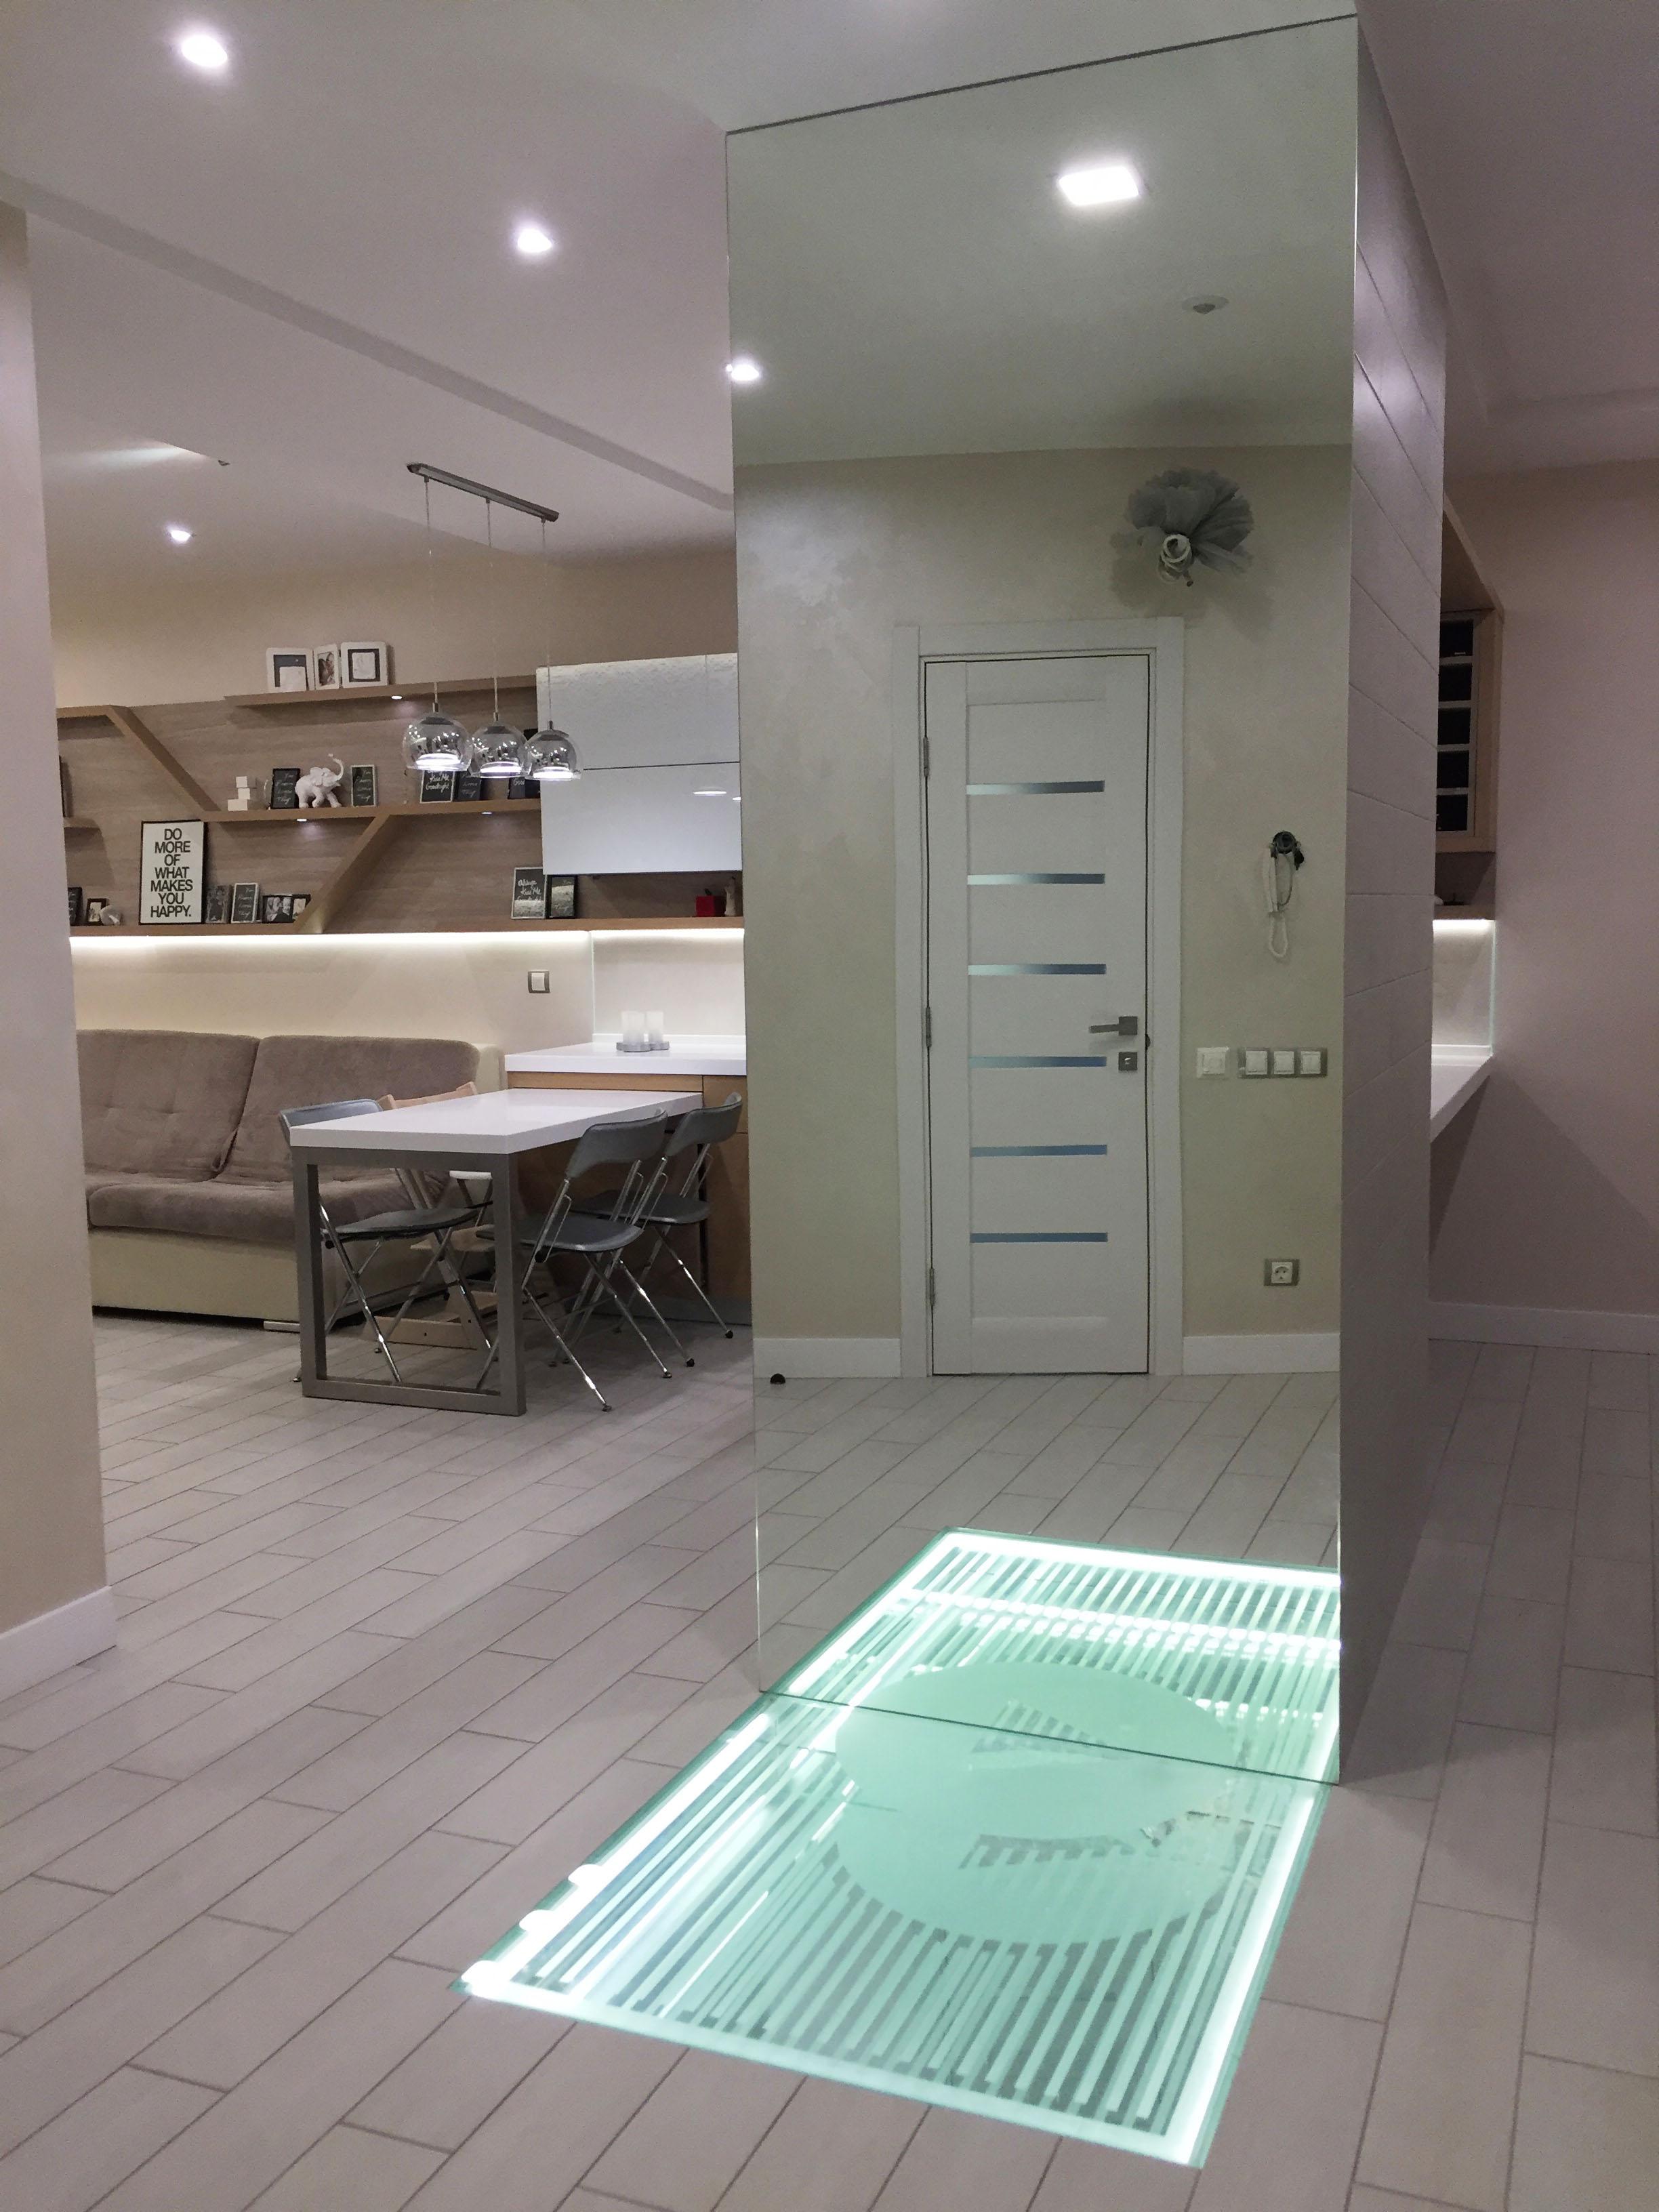 Фото Разработка дизайна интерьера, перепланировка помещения. 5